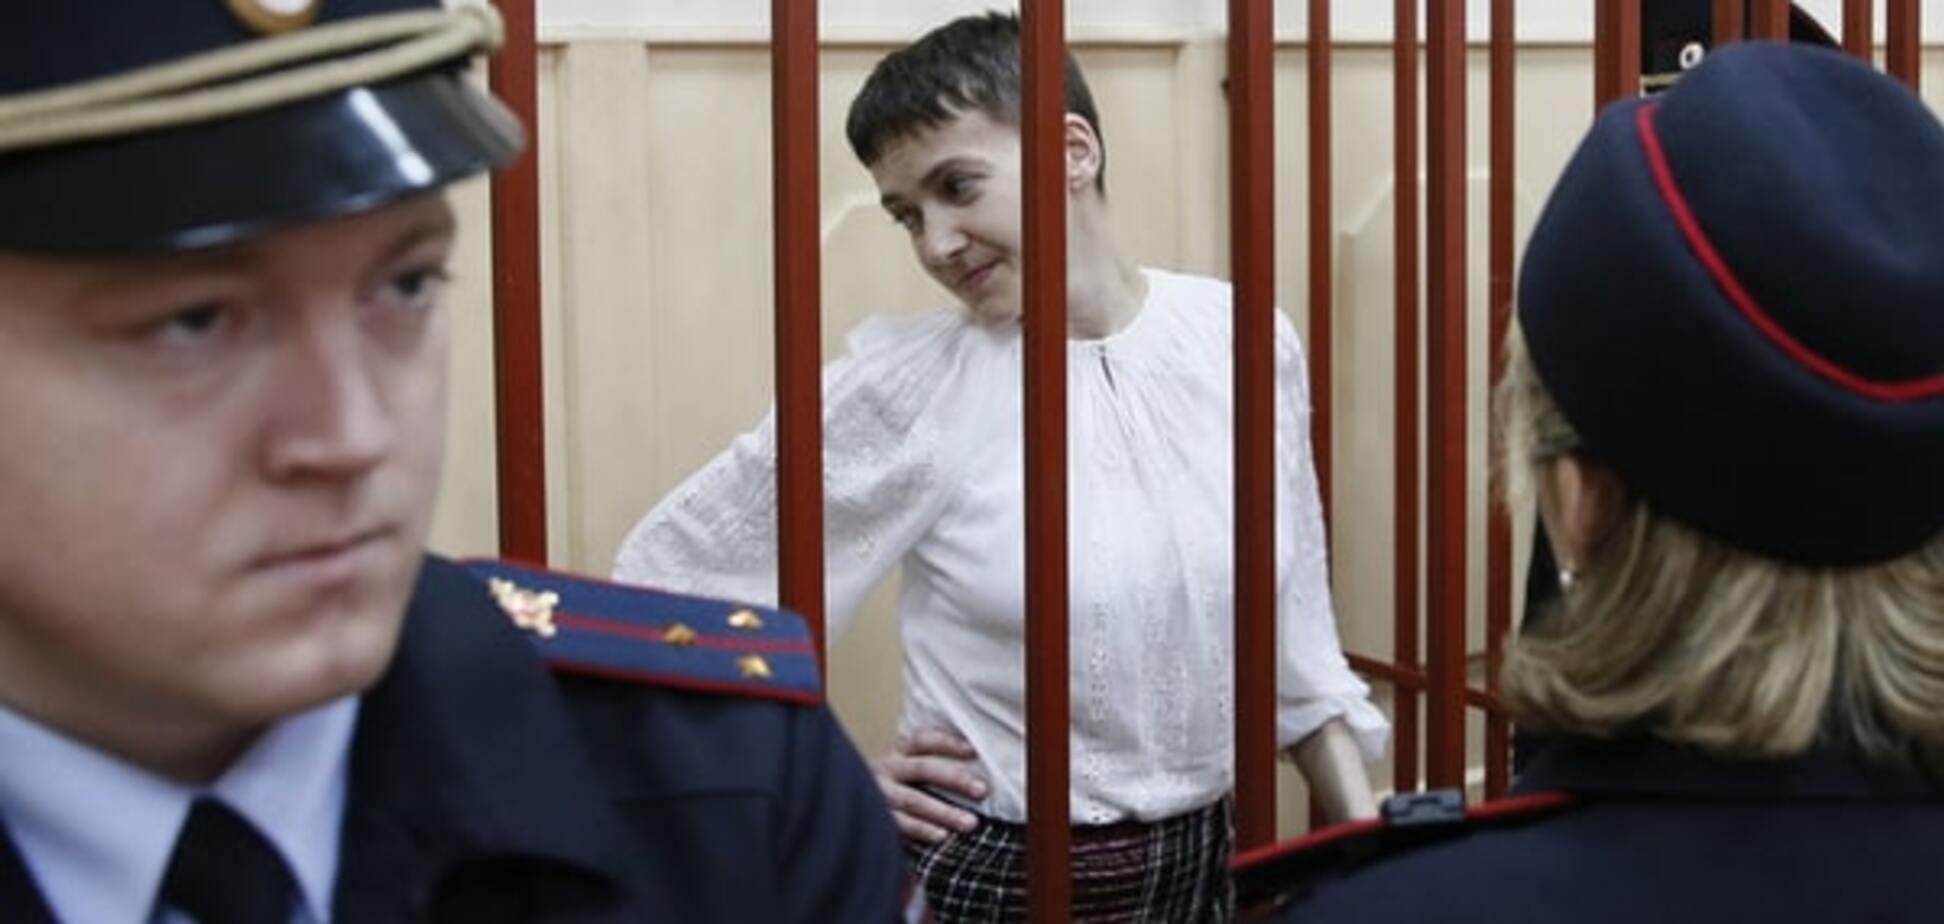 Україна передала Росії докази невинності Савченко